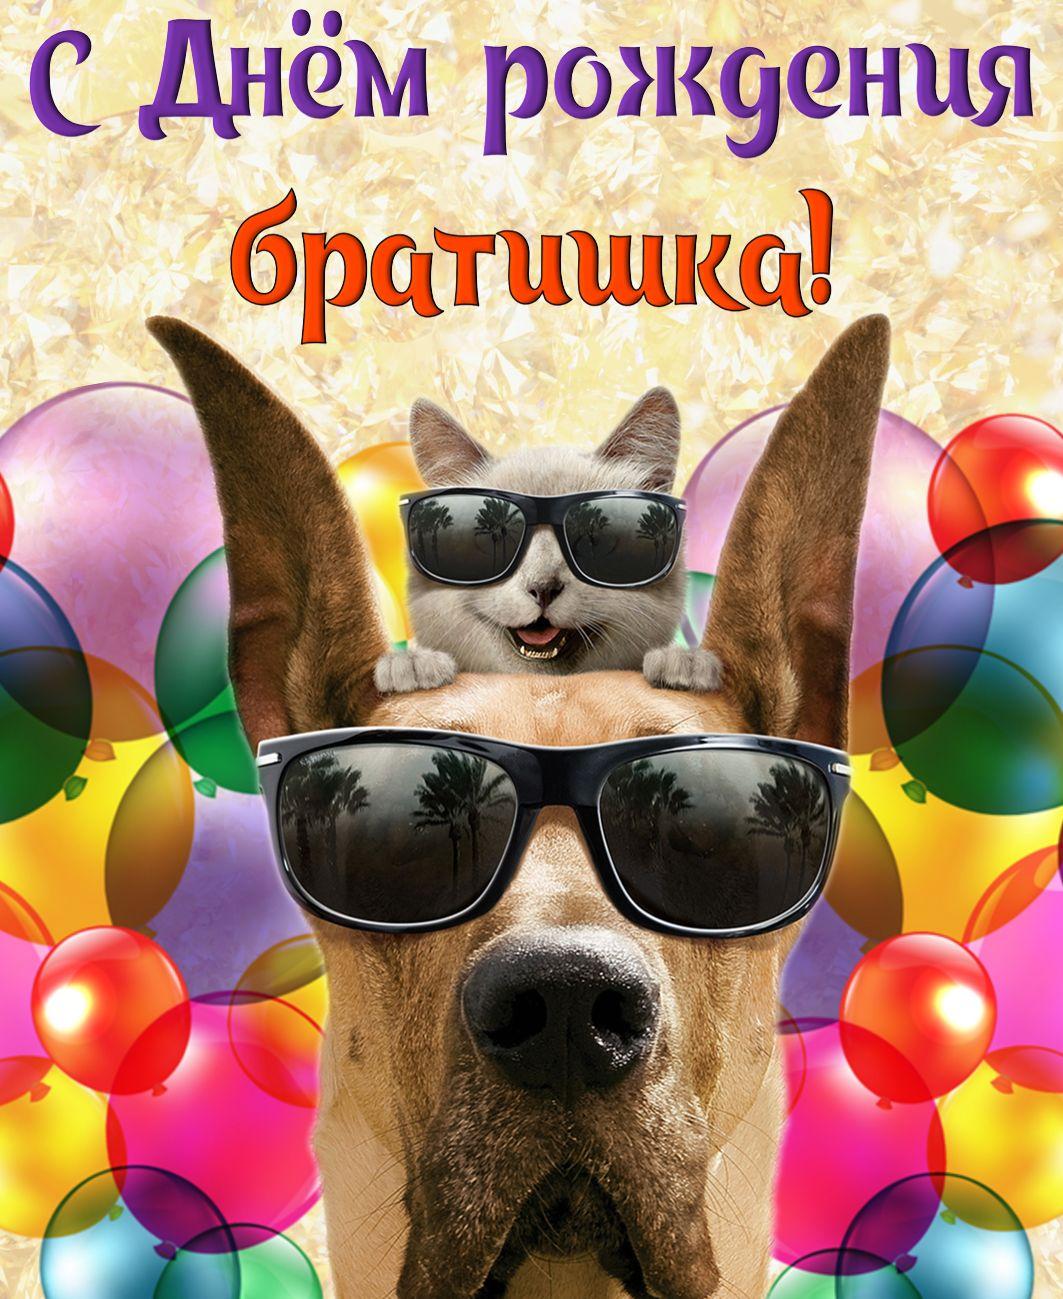 подробно с днем рождения братишка от сестры прикольные открытки прикольные предоставляется